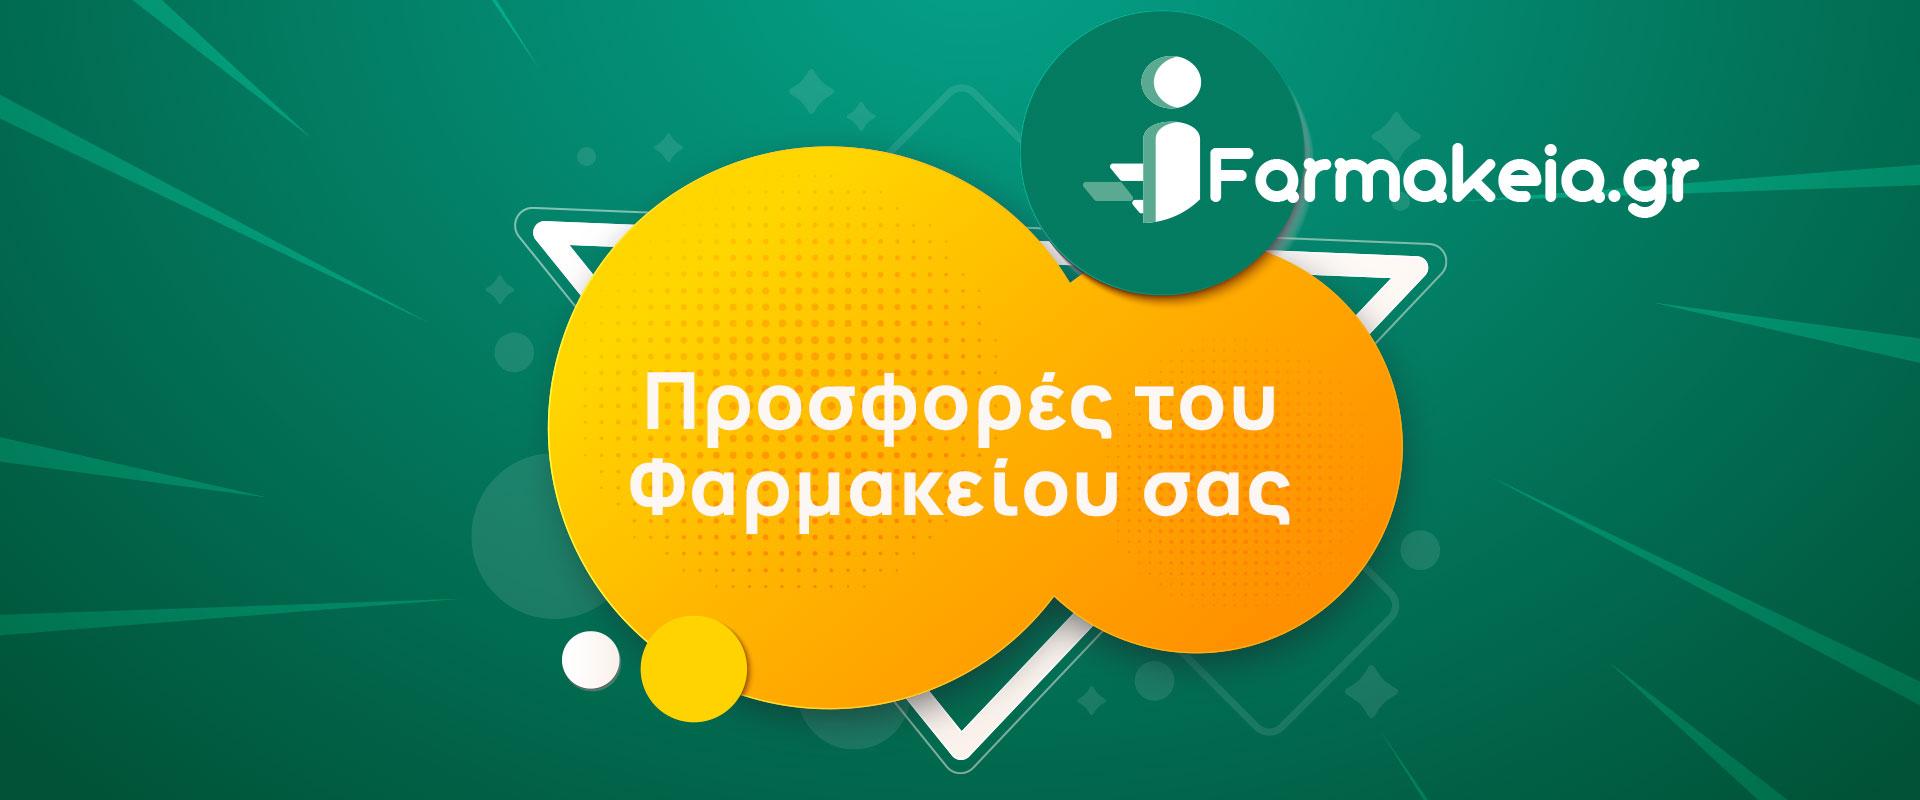 iFarmakeia-Prosfores